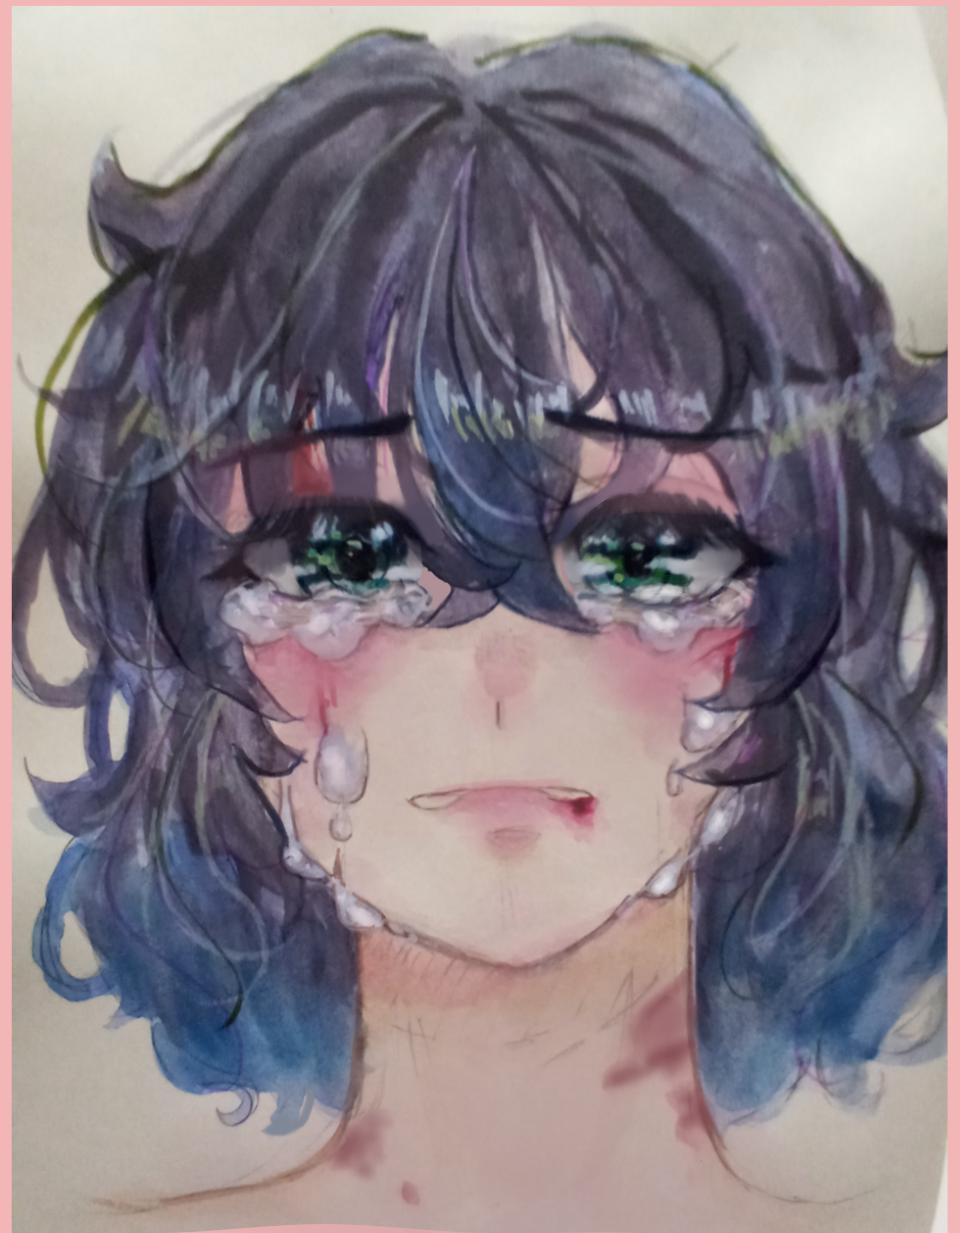 이노스케 Illust of 붕어빵 DemonSlayerFanartContest medibangpaint 귀칼콘테스트 painting 14살 귀칼 콘테스트 fanart >ㅅ< HashibiraInosuke